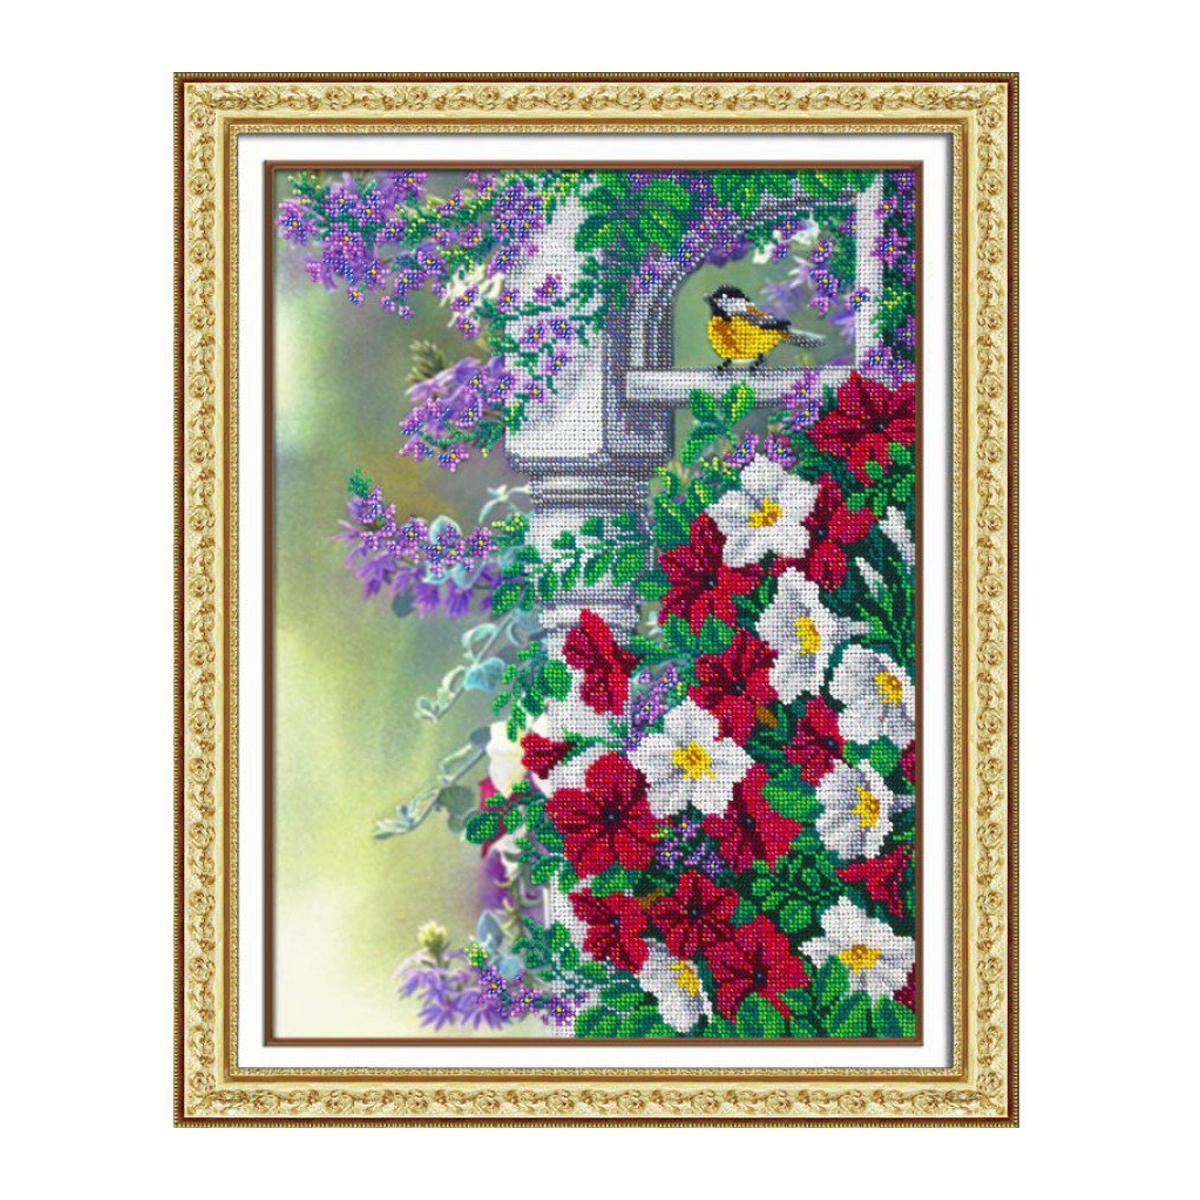 Набор для вышивания бисером Паутинка Весеннее настроение, 28 см х 38 см. Б1243484247Состав набора: бисер Чехия - 20 цветов, льняная ткань с нанесенным рисунком, бисерная игла, подробная инструкция.